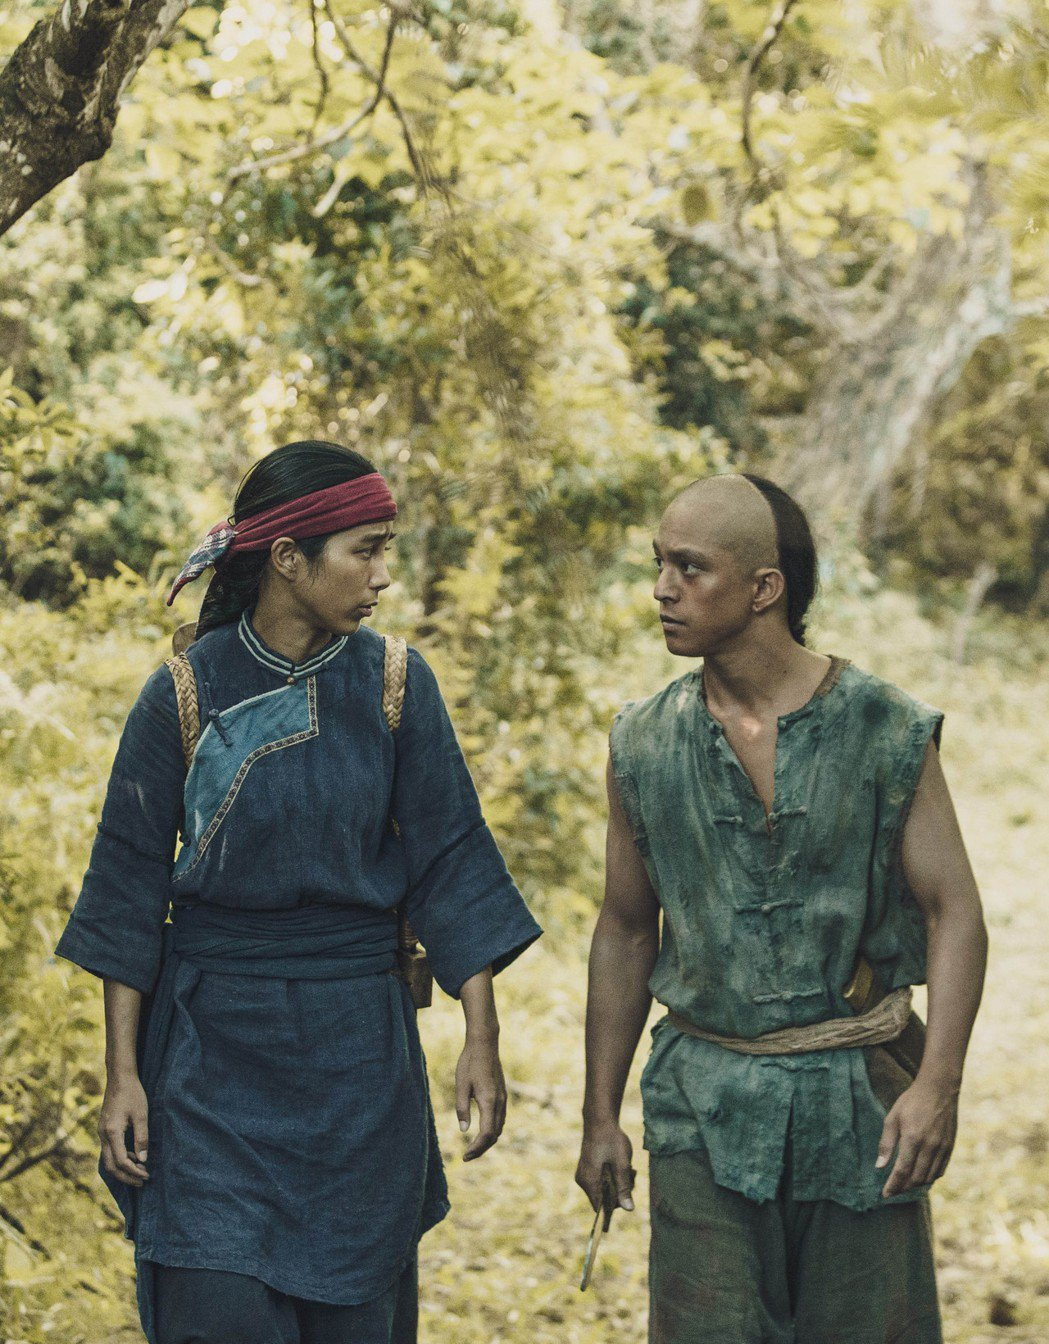 温貞菱(左)、黃遠在「斯卡羅」中飾演客家與排灣族的混血姐弟。圖/公視提供